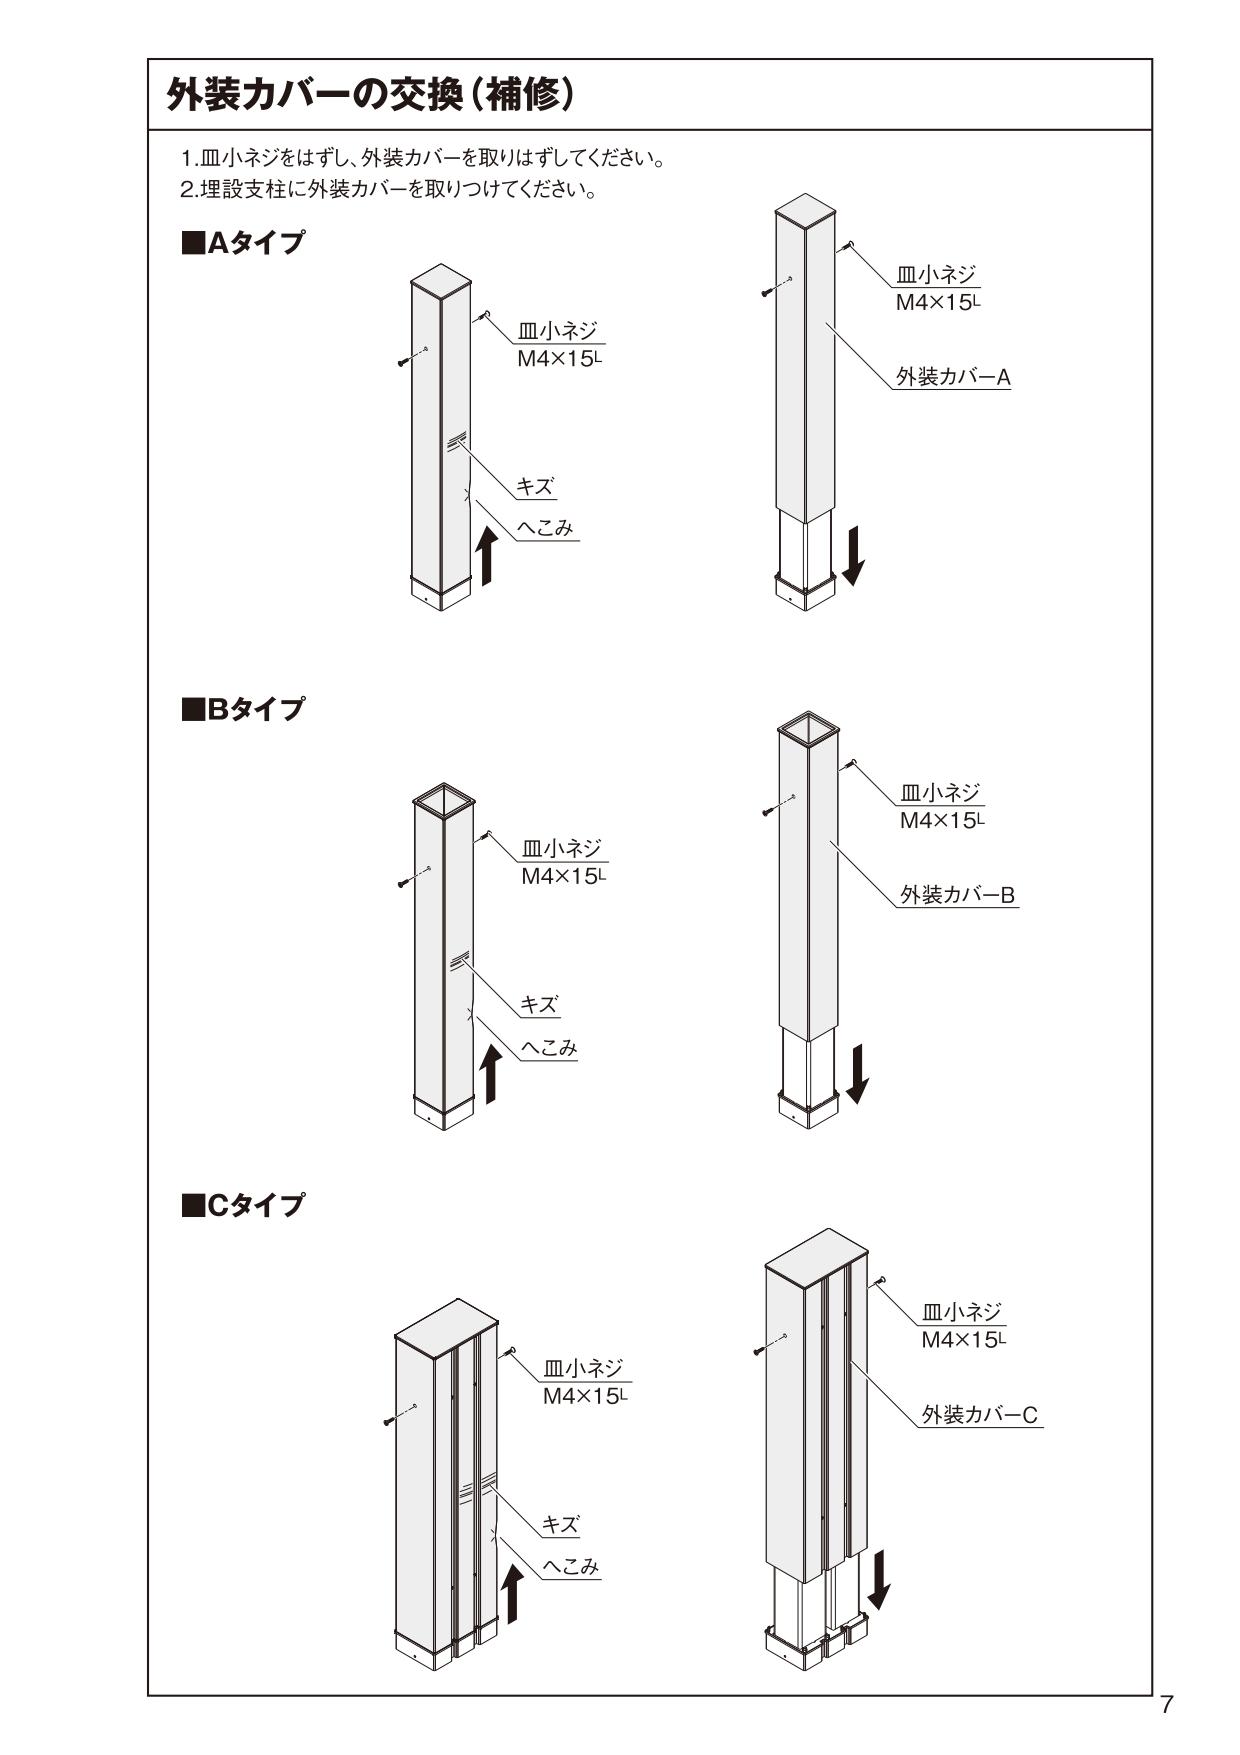 タフポール 施工説明書_page-0007